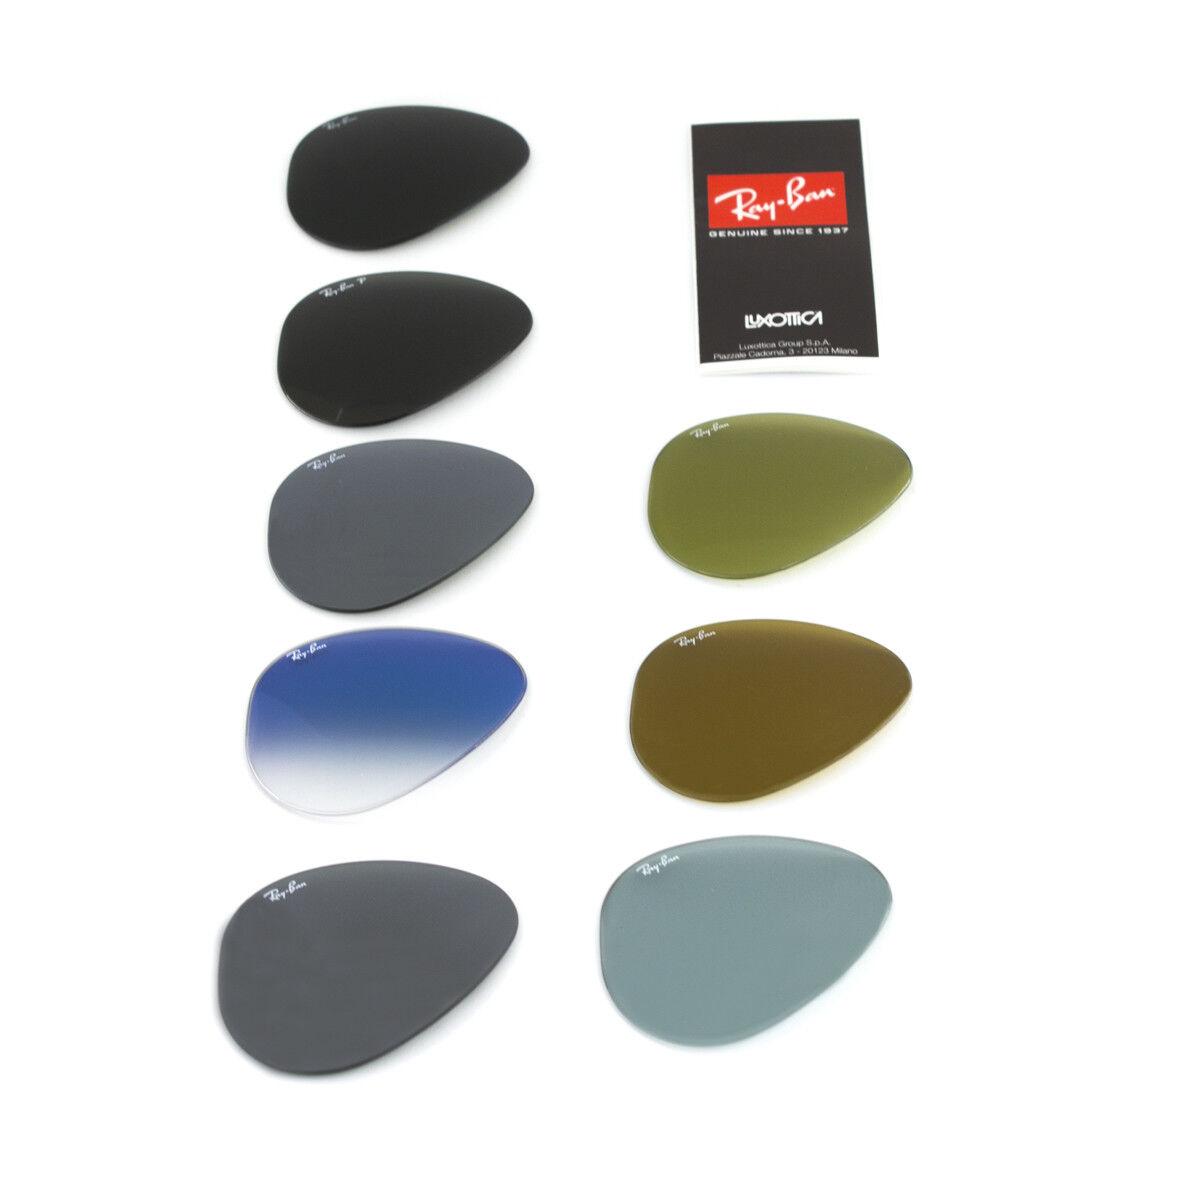 Lenti di ricambio Ray ban Rb3025 Aviator Verde Grigio G15 58 mm Non applicabile